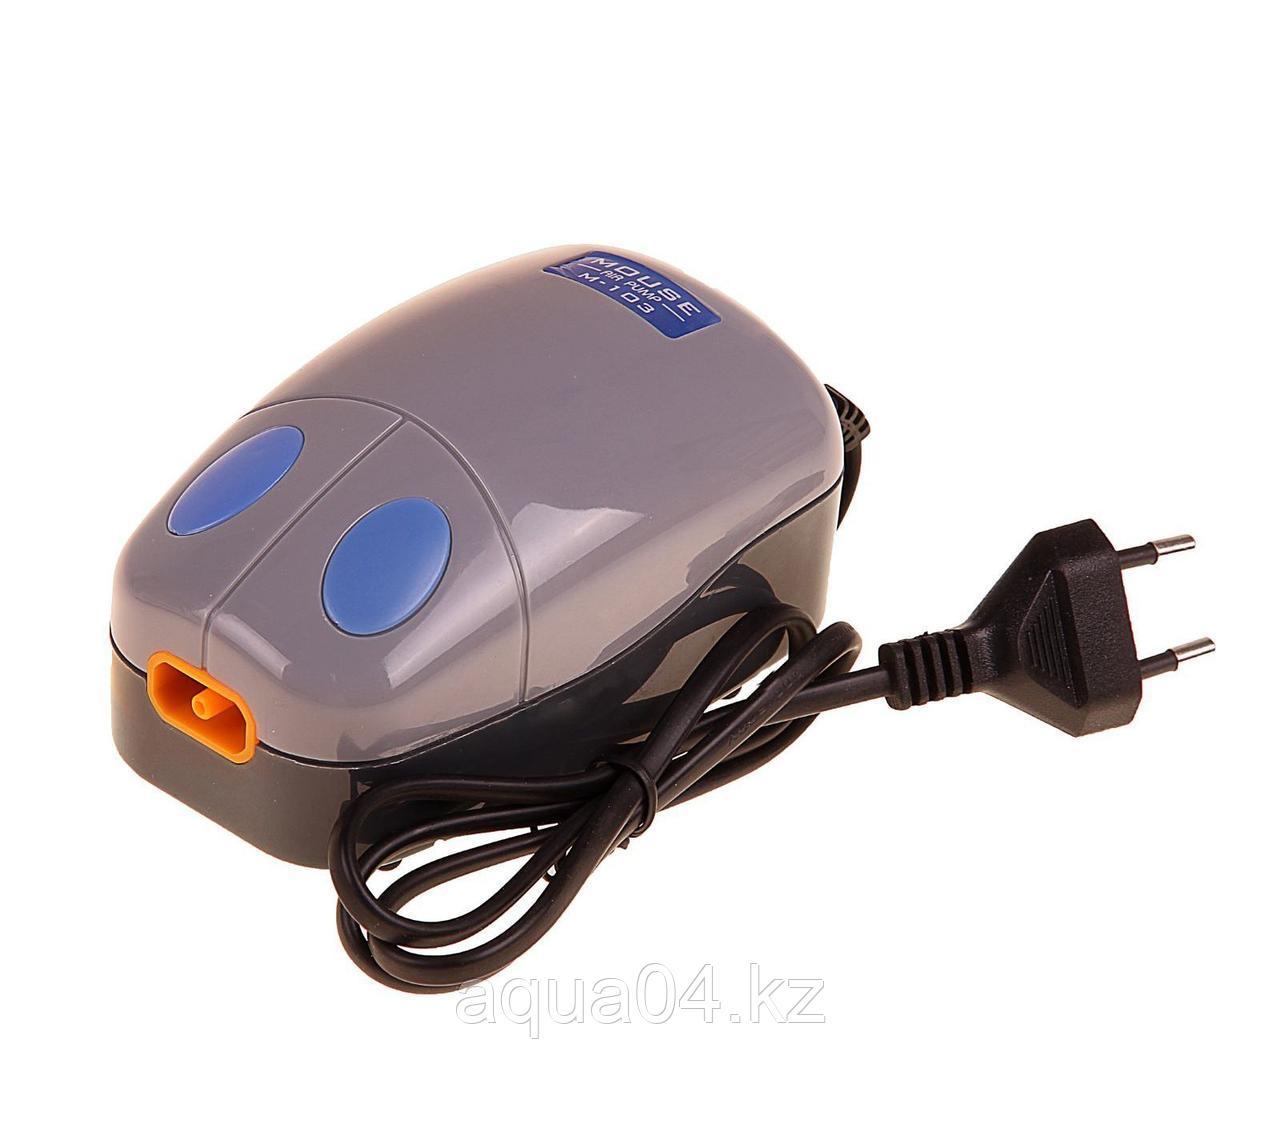 Mouse M-103